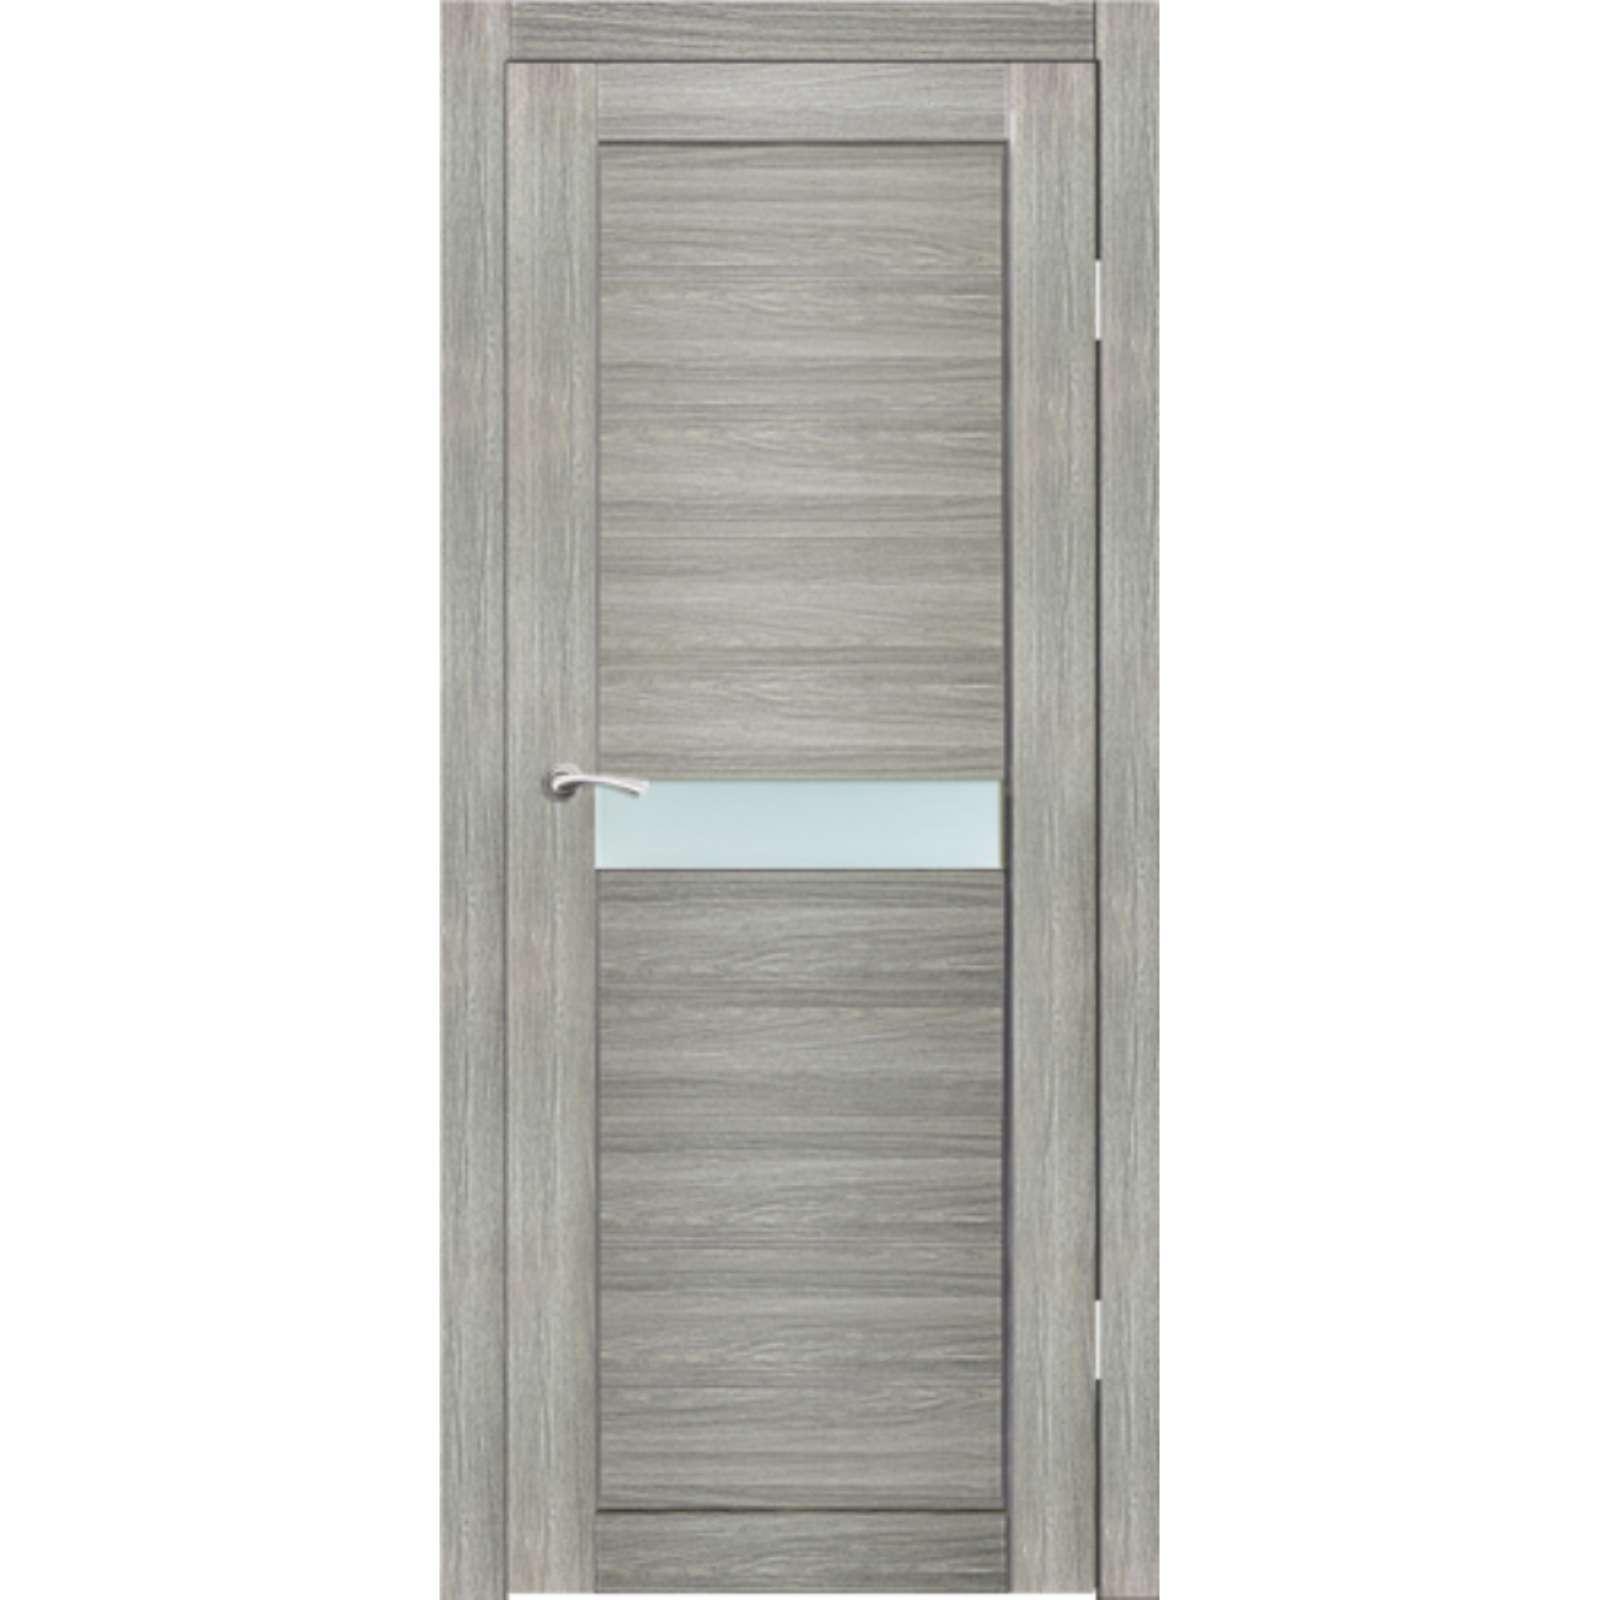 Полотно дверное остекленное Примо (стекло сатин бронза) СИНЕРЖИ ель ПВХ, ПДО 600х2000мм